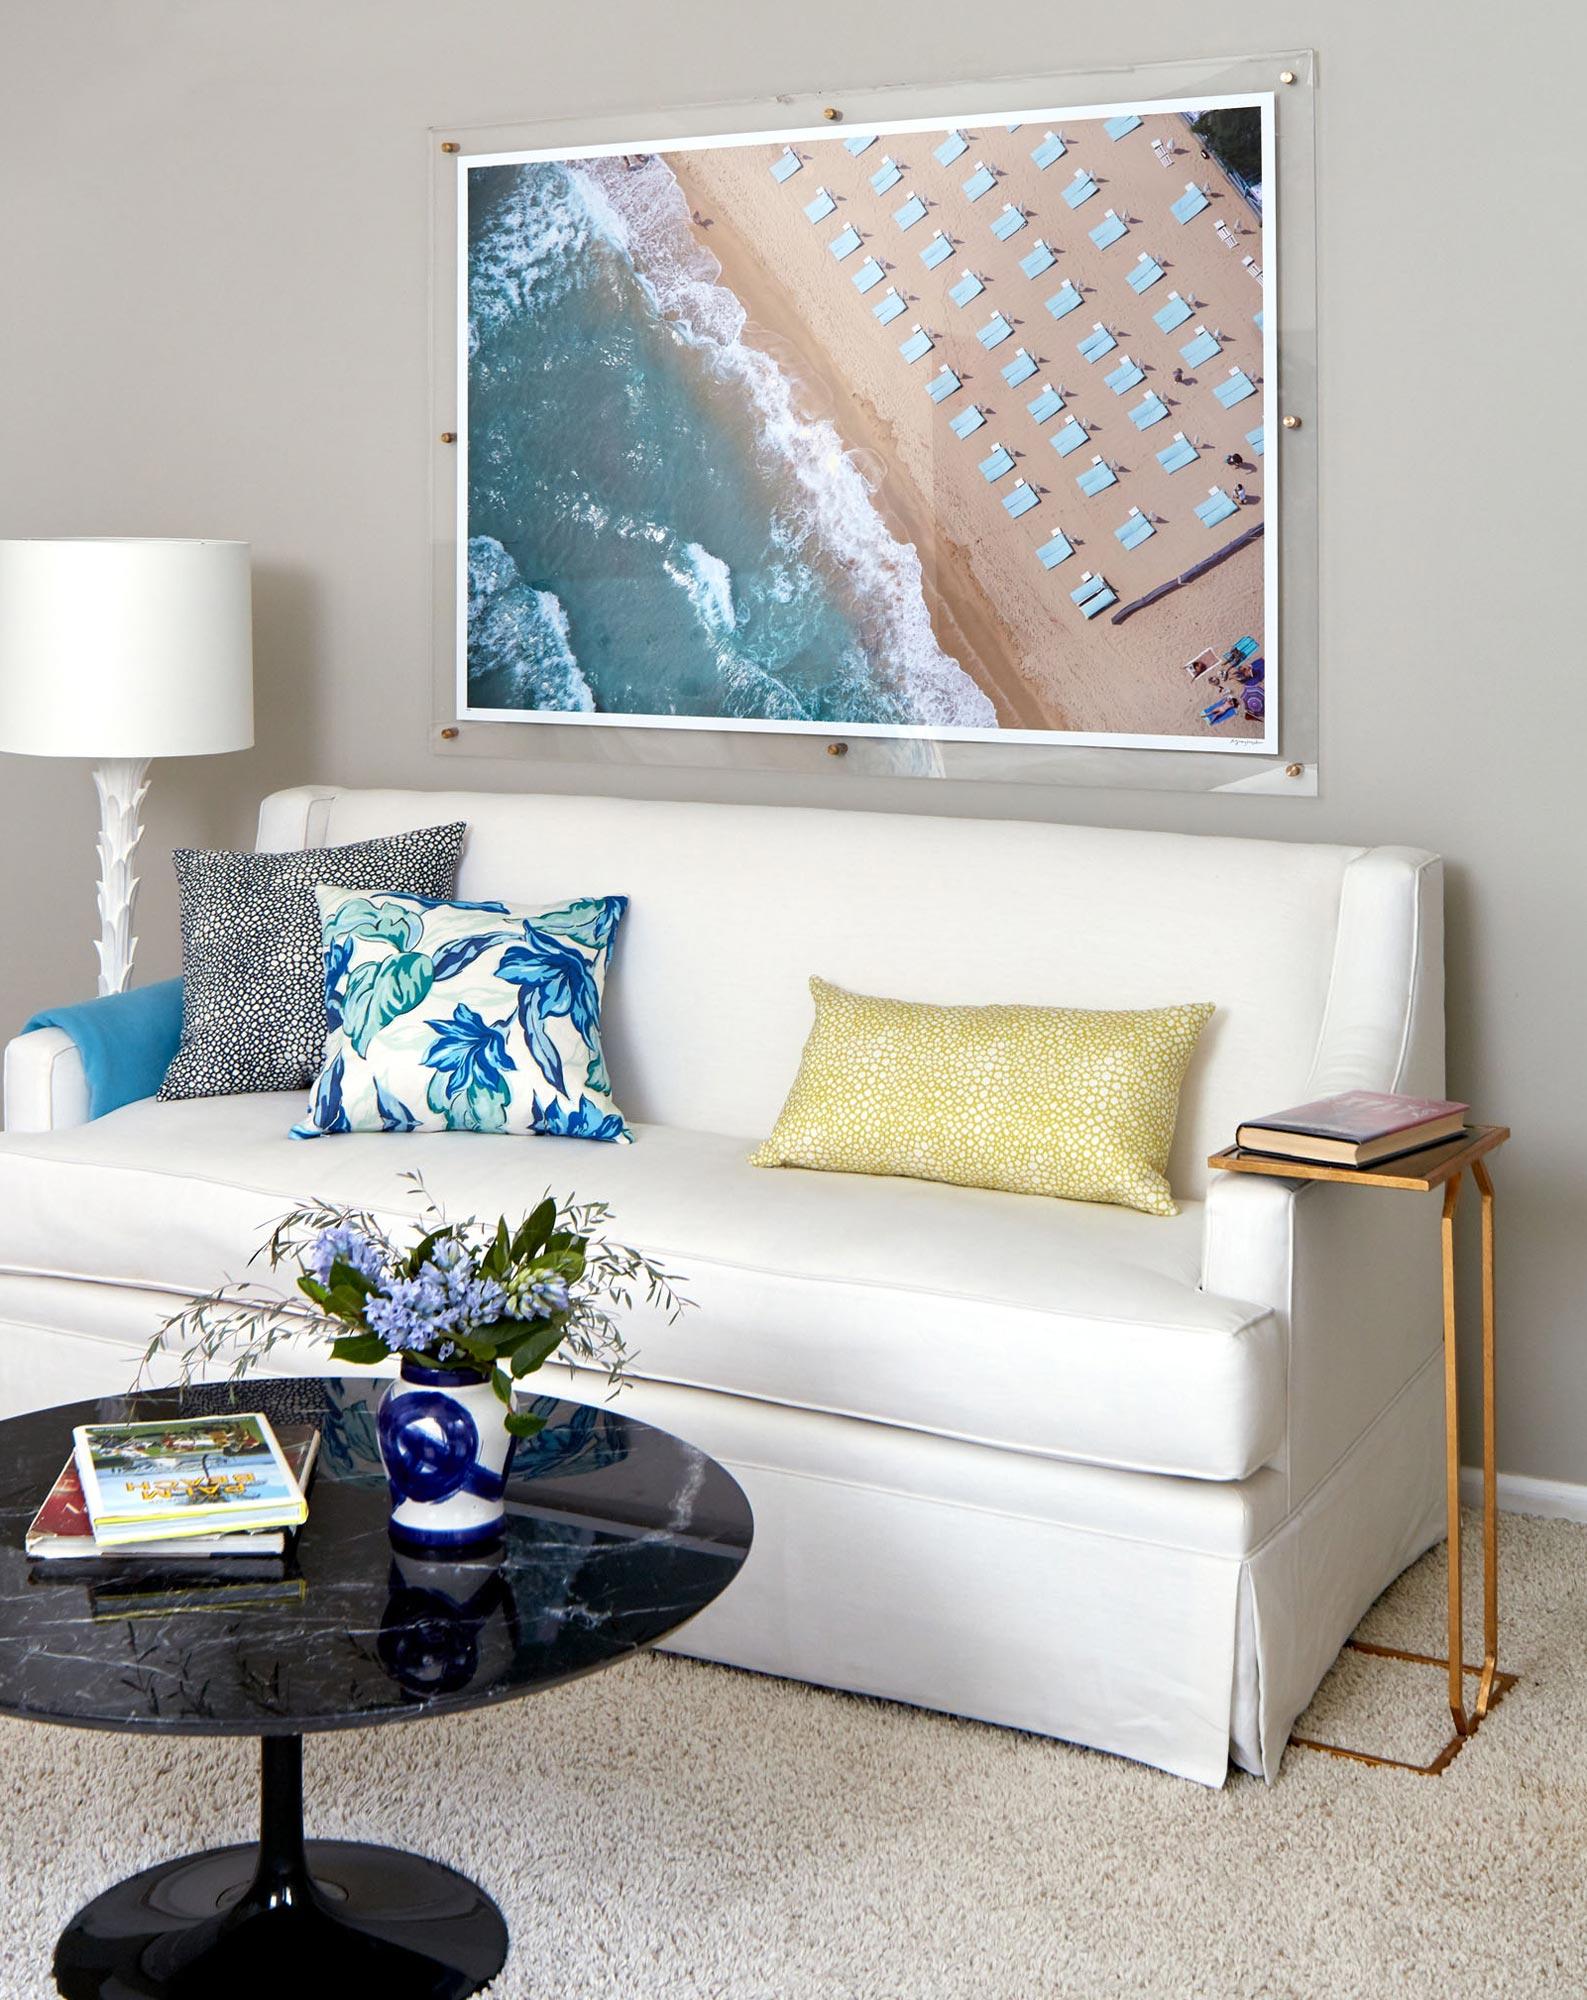 Bek master bedroom DIY frame